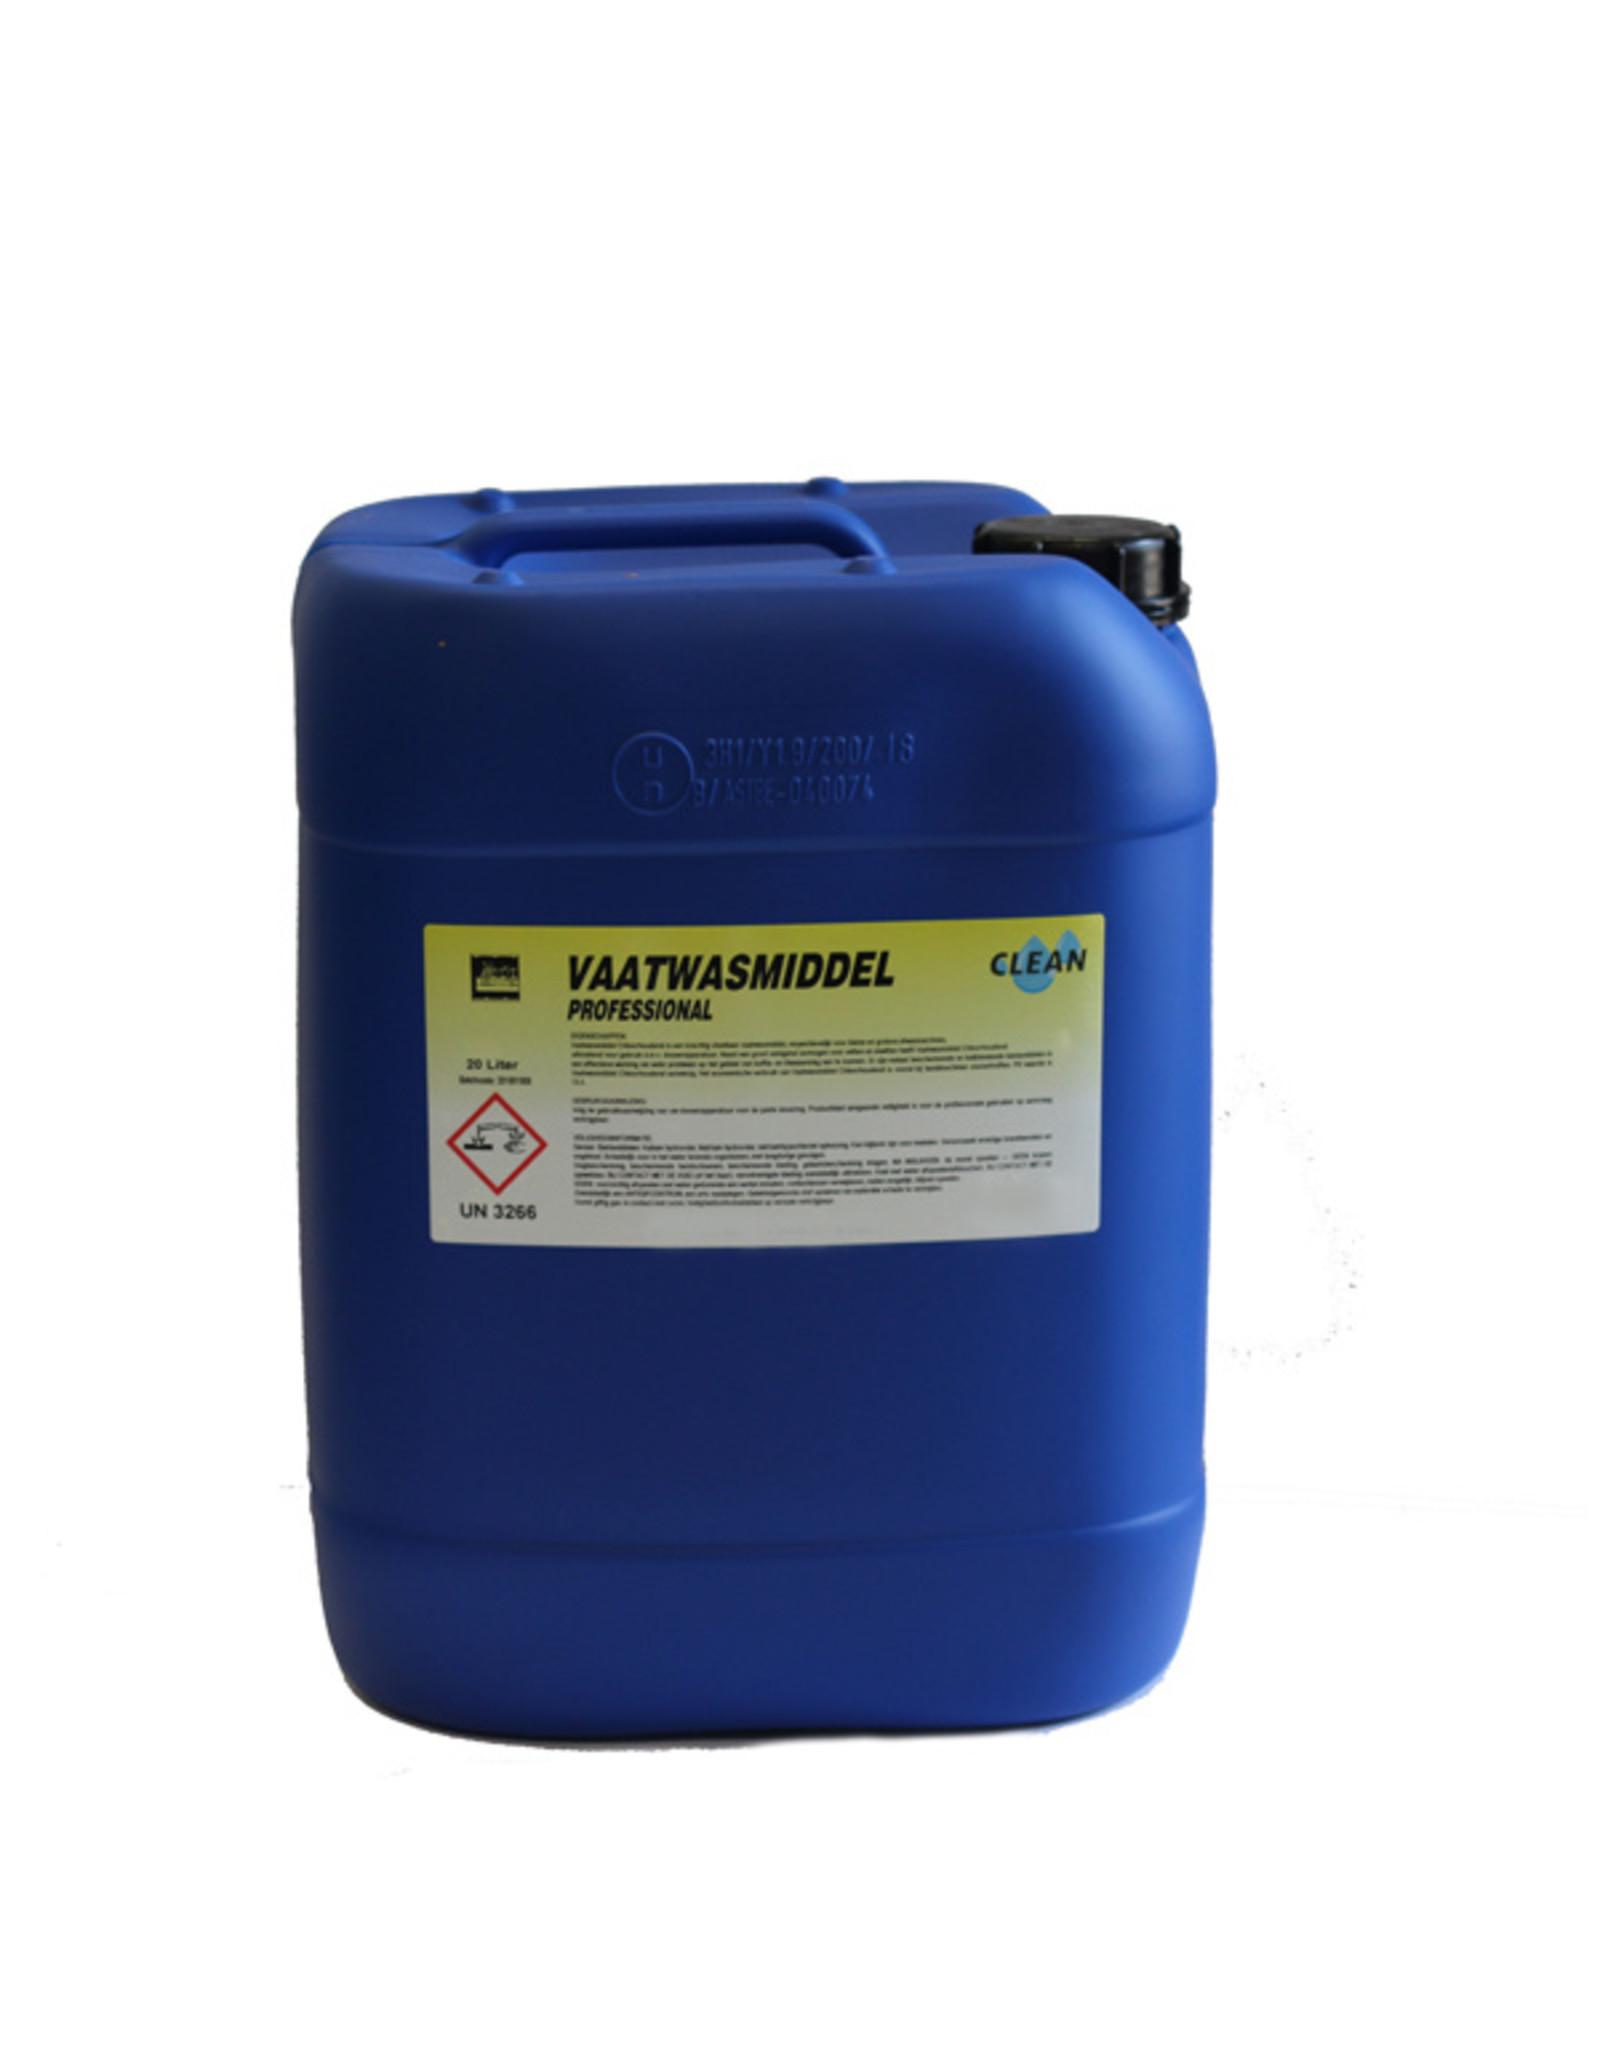 CLEAN Clean Vloeibaar Vaatwasmiddel 20 ltr.professional